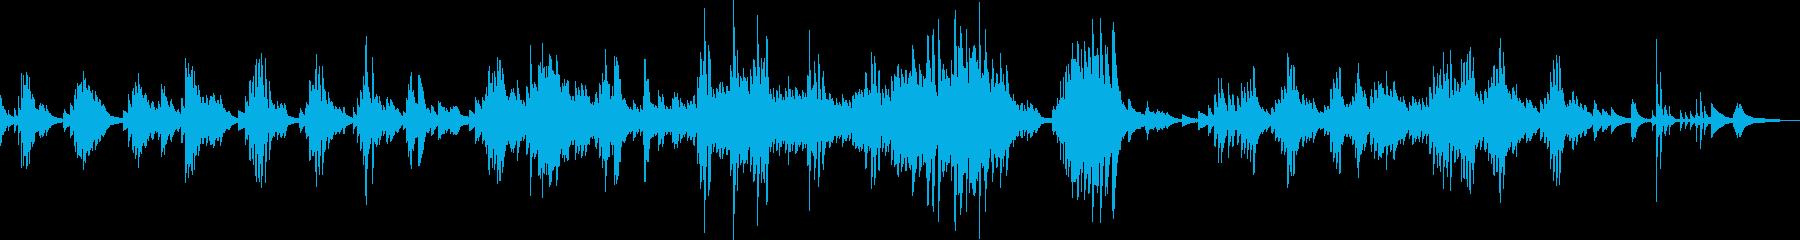 哀愁のピアノ(夜・大人・都会・悲しい)の再生済みの波形